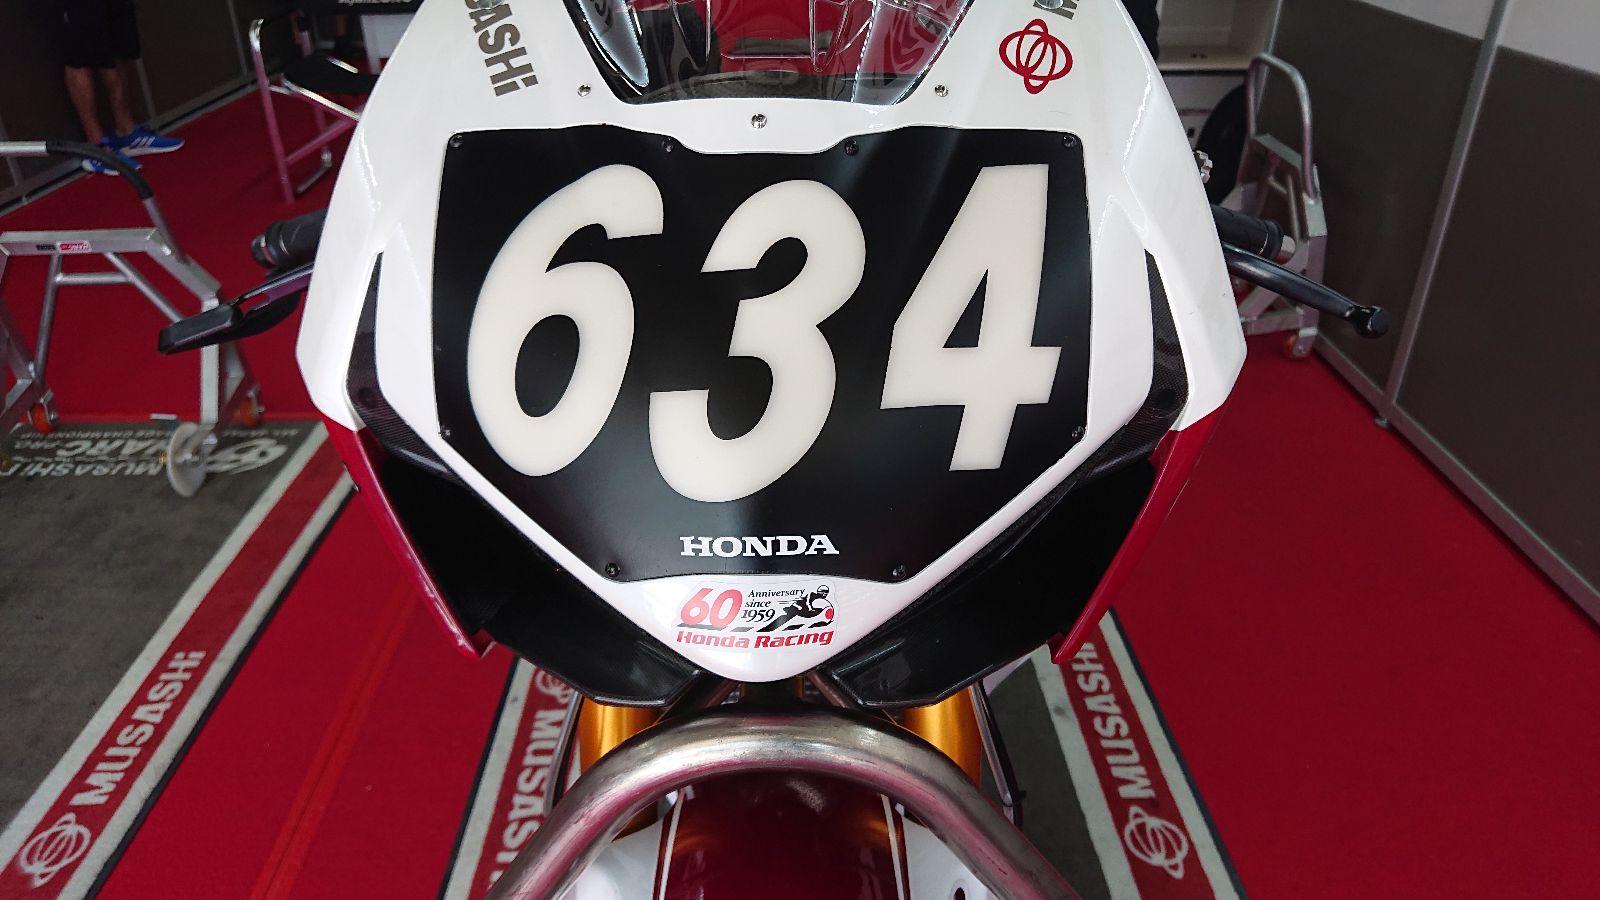 7月28日、「鈴鹿8時間耐久ロードレース」、通称「鈴鹿8耐」の現地取材を行いました。